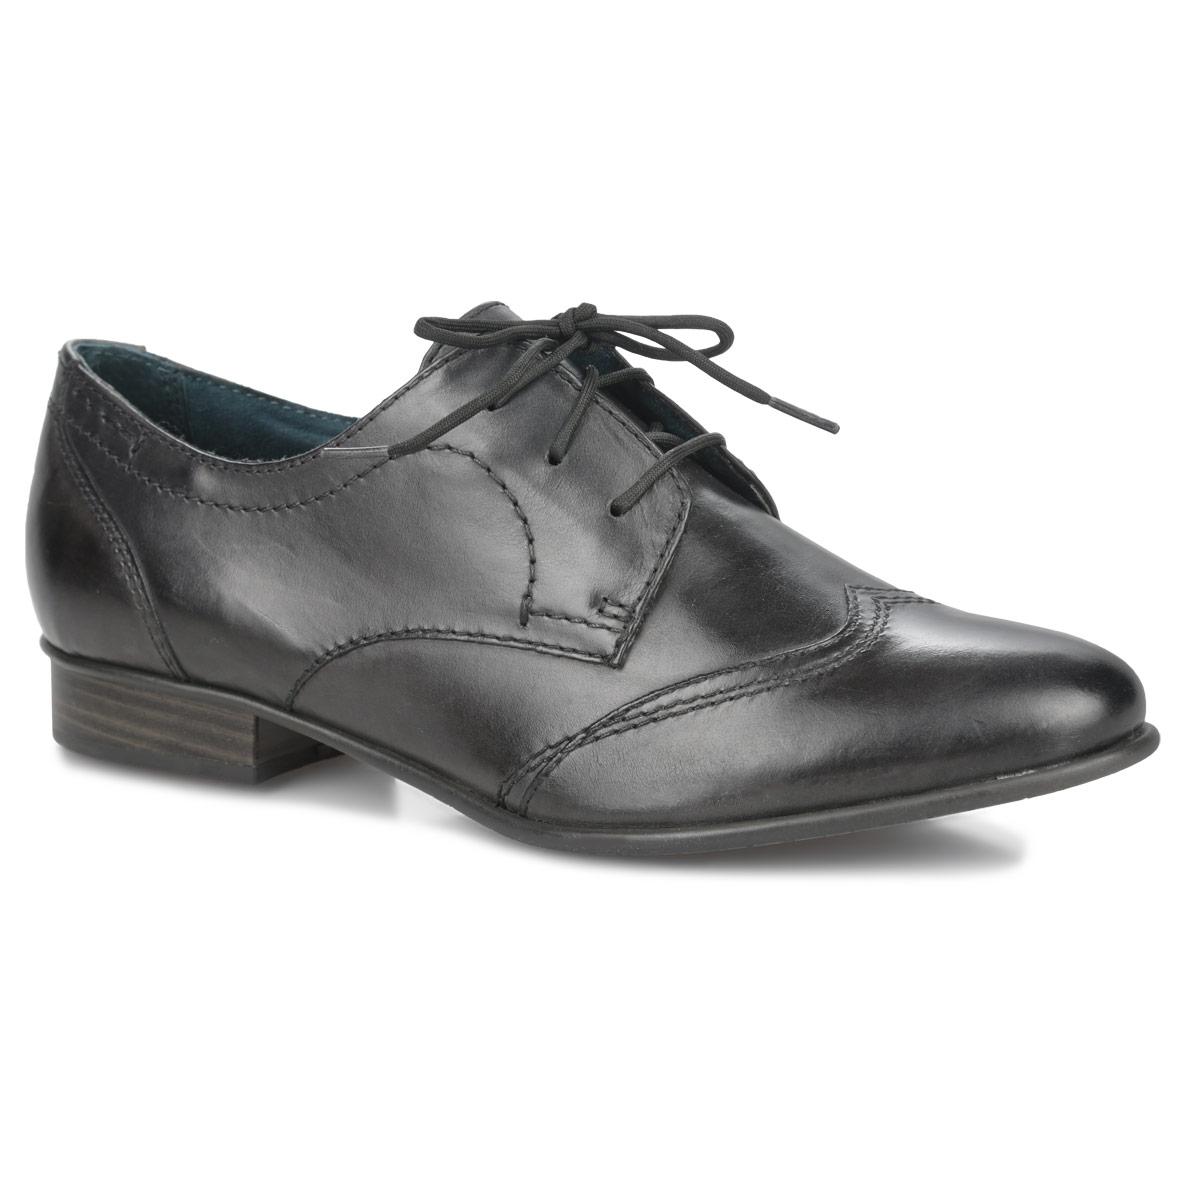 1-1-23203-25-016Строгие женские полуботинки от Tamaris помогут вам создать солидный деловой имидж. Модель выполнена из натуральной кожи и декорирована лаконичной прострочкой. Шнуровка обеспечивает оптимальную посадку обуви на ноге. Невероятно мягкая кожаная стелька, оформленная названием бренда, комфортна при движении. Невысокий каблук стилизован под дерево. Подошва с рифлением в виде фирменного рисунка защищает изделие от скольжения. Модные полуботинки покорят вас своим удобством!